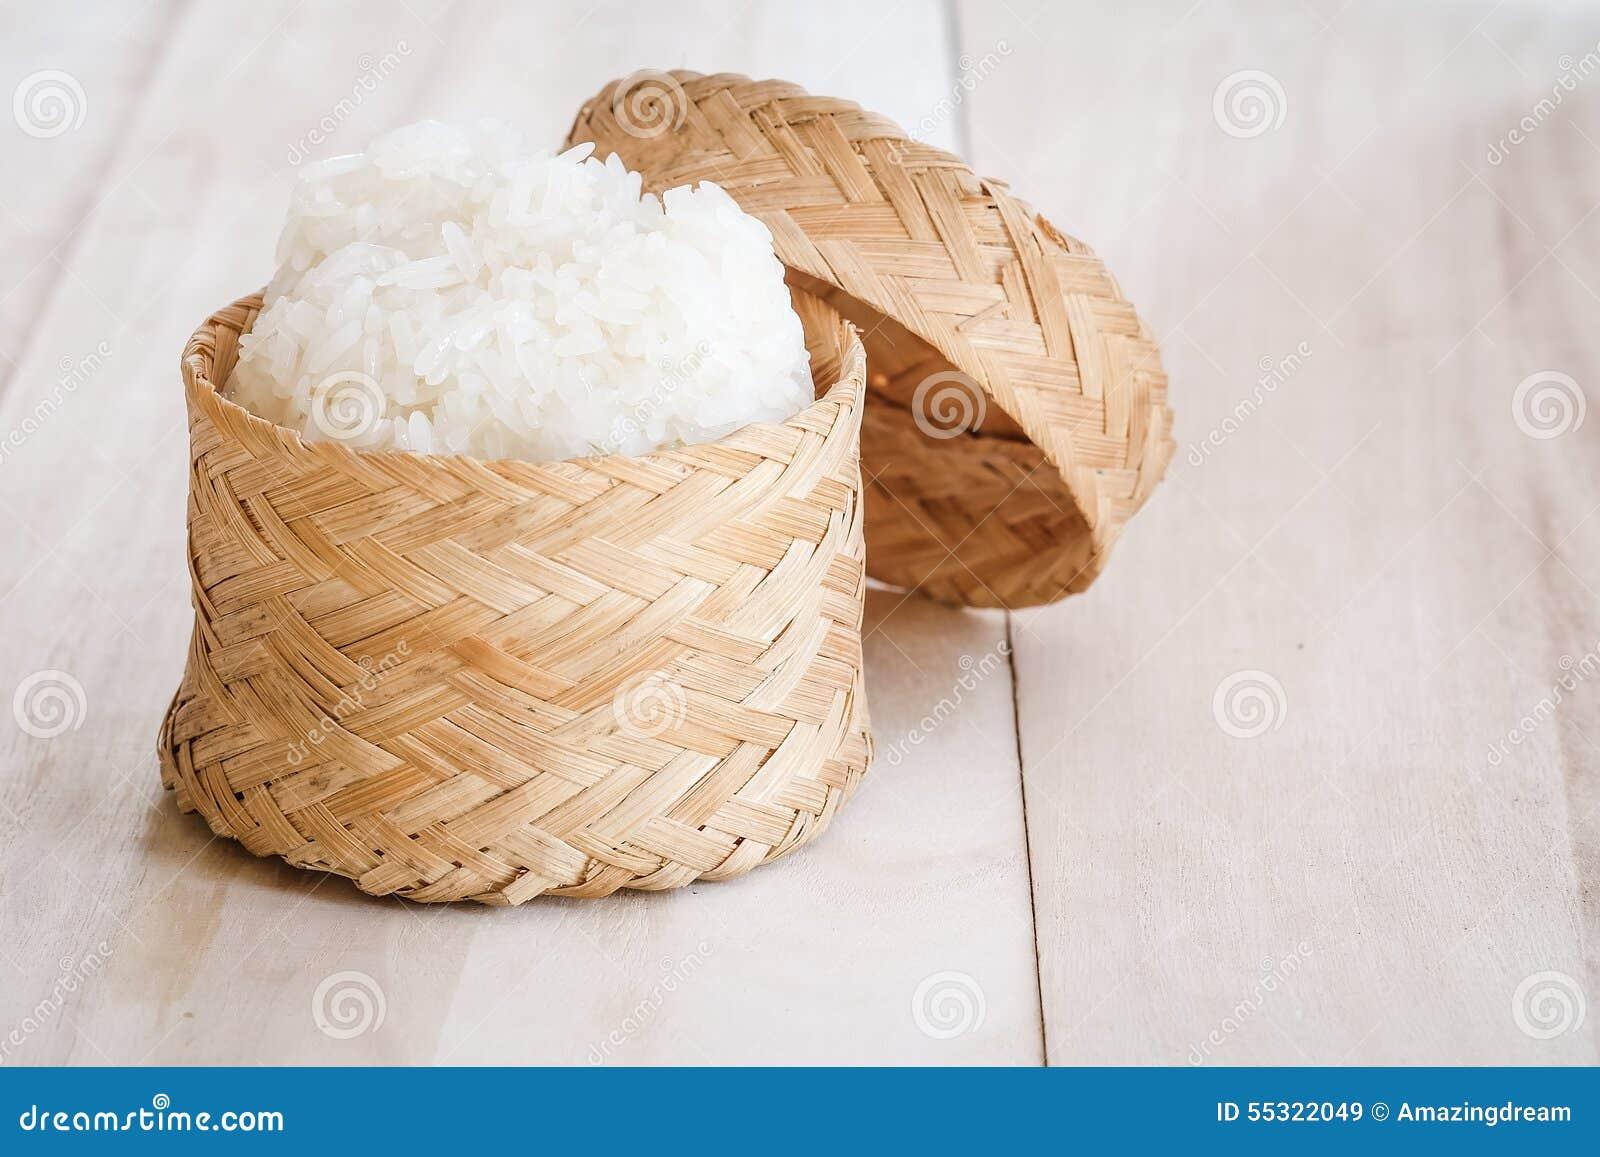 Липкий рис, тайский липкий рис в бамбуковой деревянной коробке старого стиля